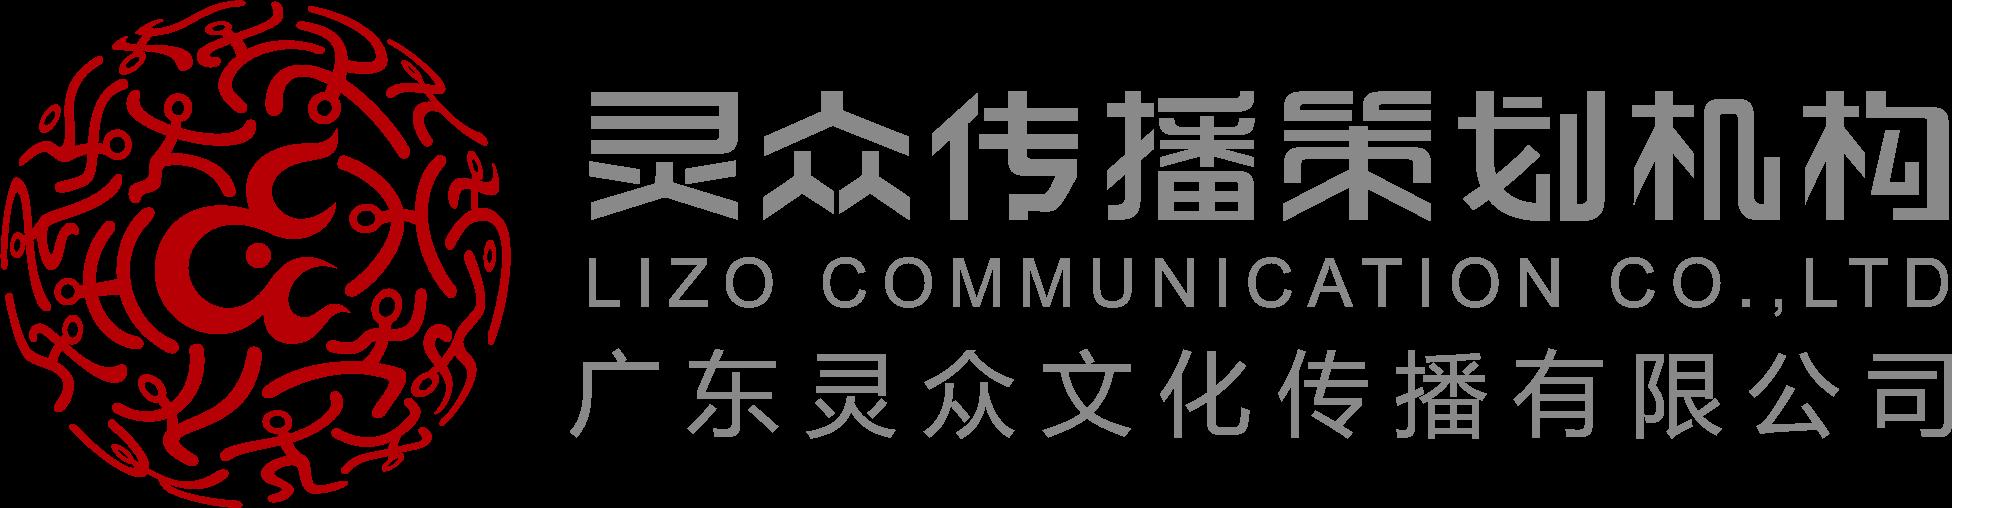 廣東靈眾文化傳播有限公司